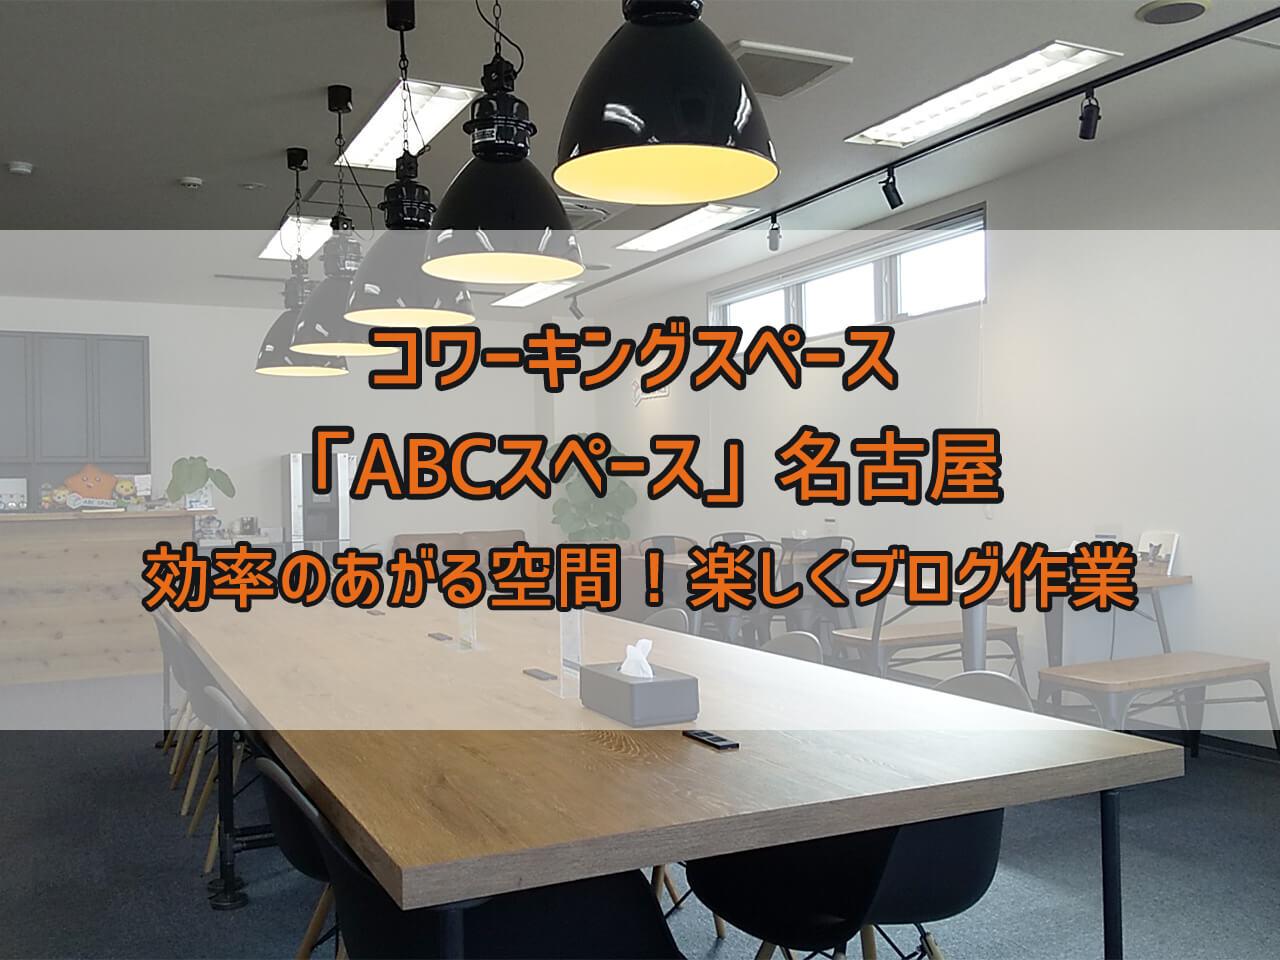 abcスペース 名古屋 コワーキングスペース ヒトデ